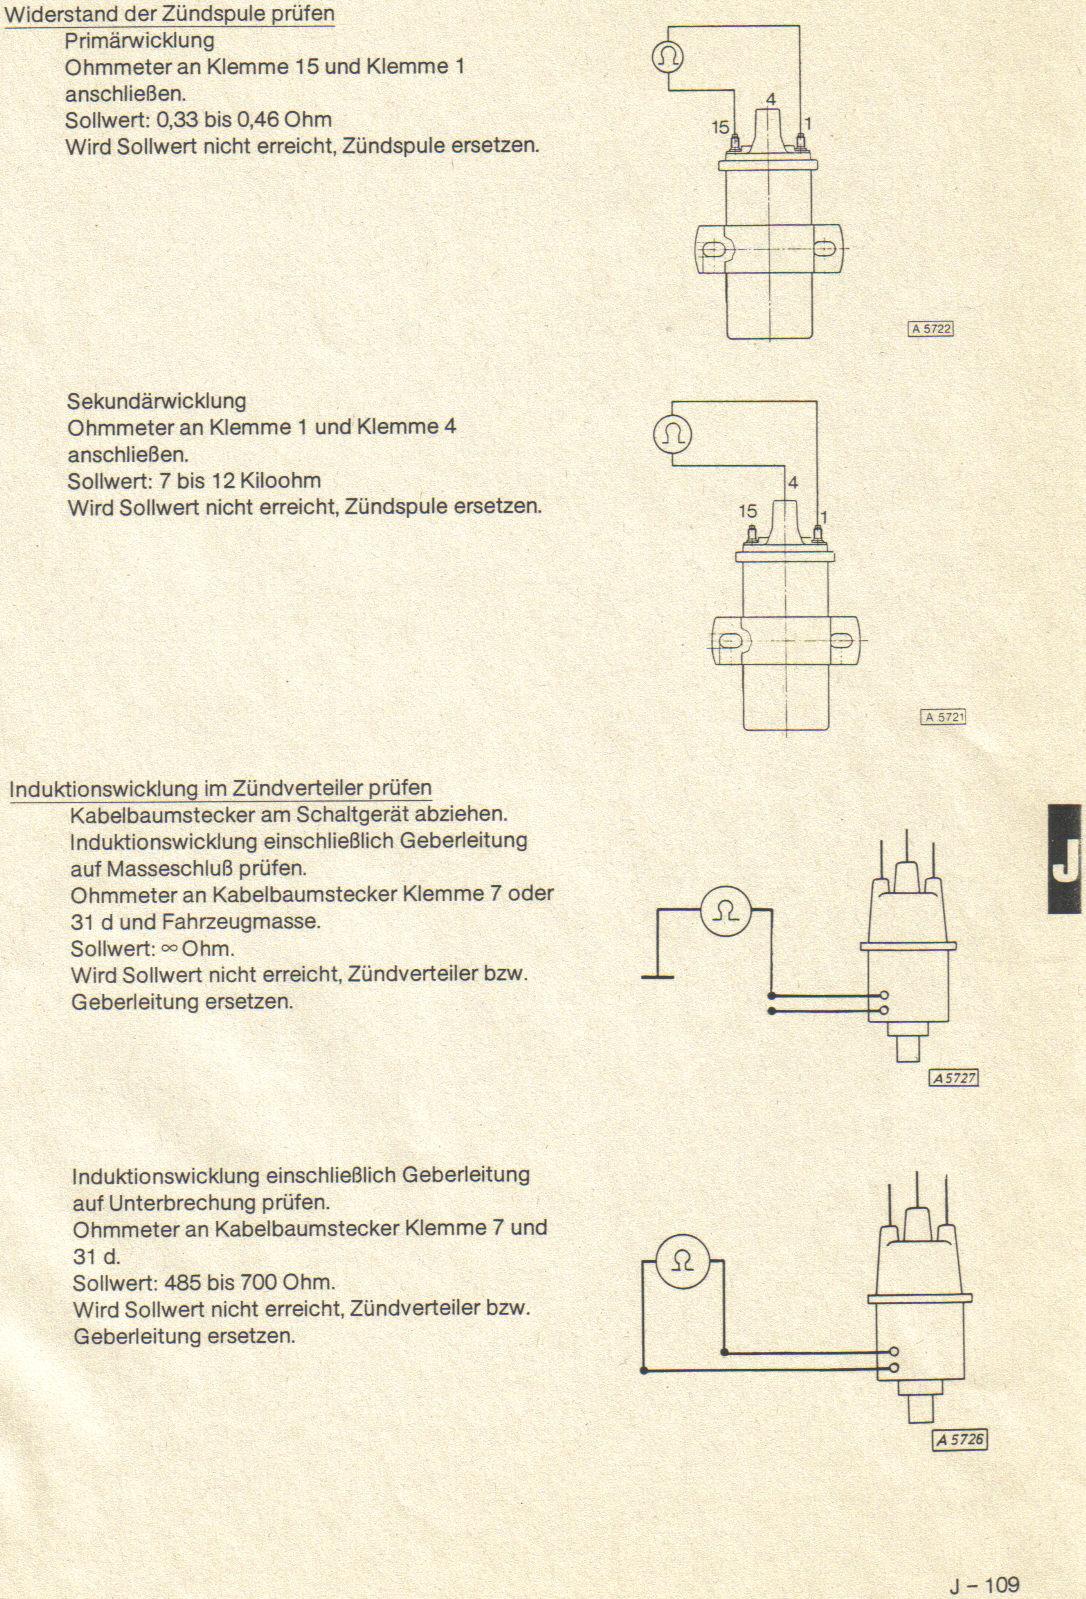 Atemberaubend Kawasaki Zündspule Schaltplan Bilder - Elektrische ...